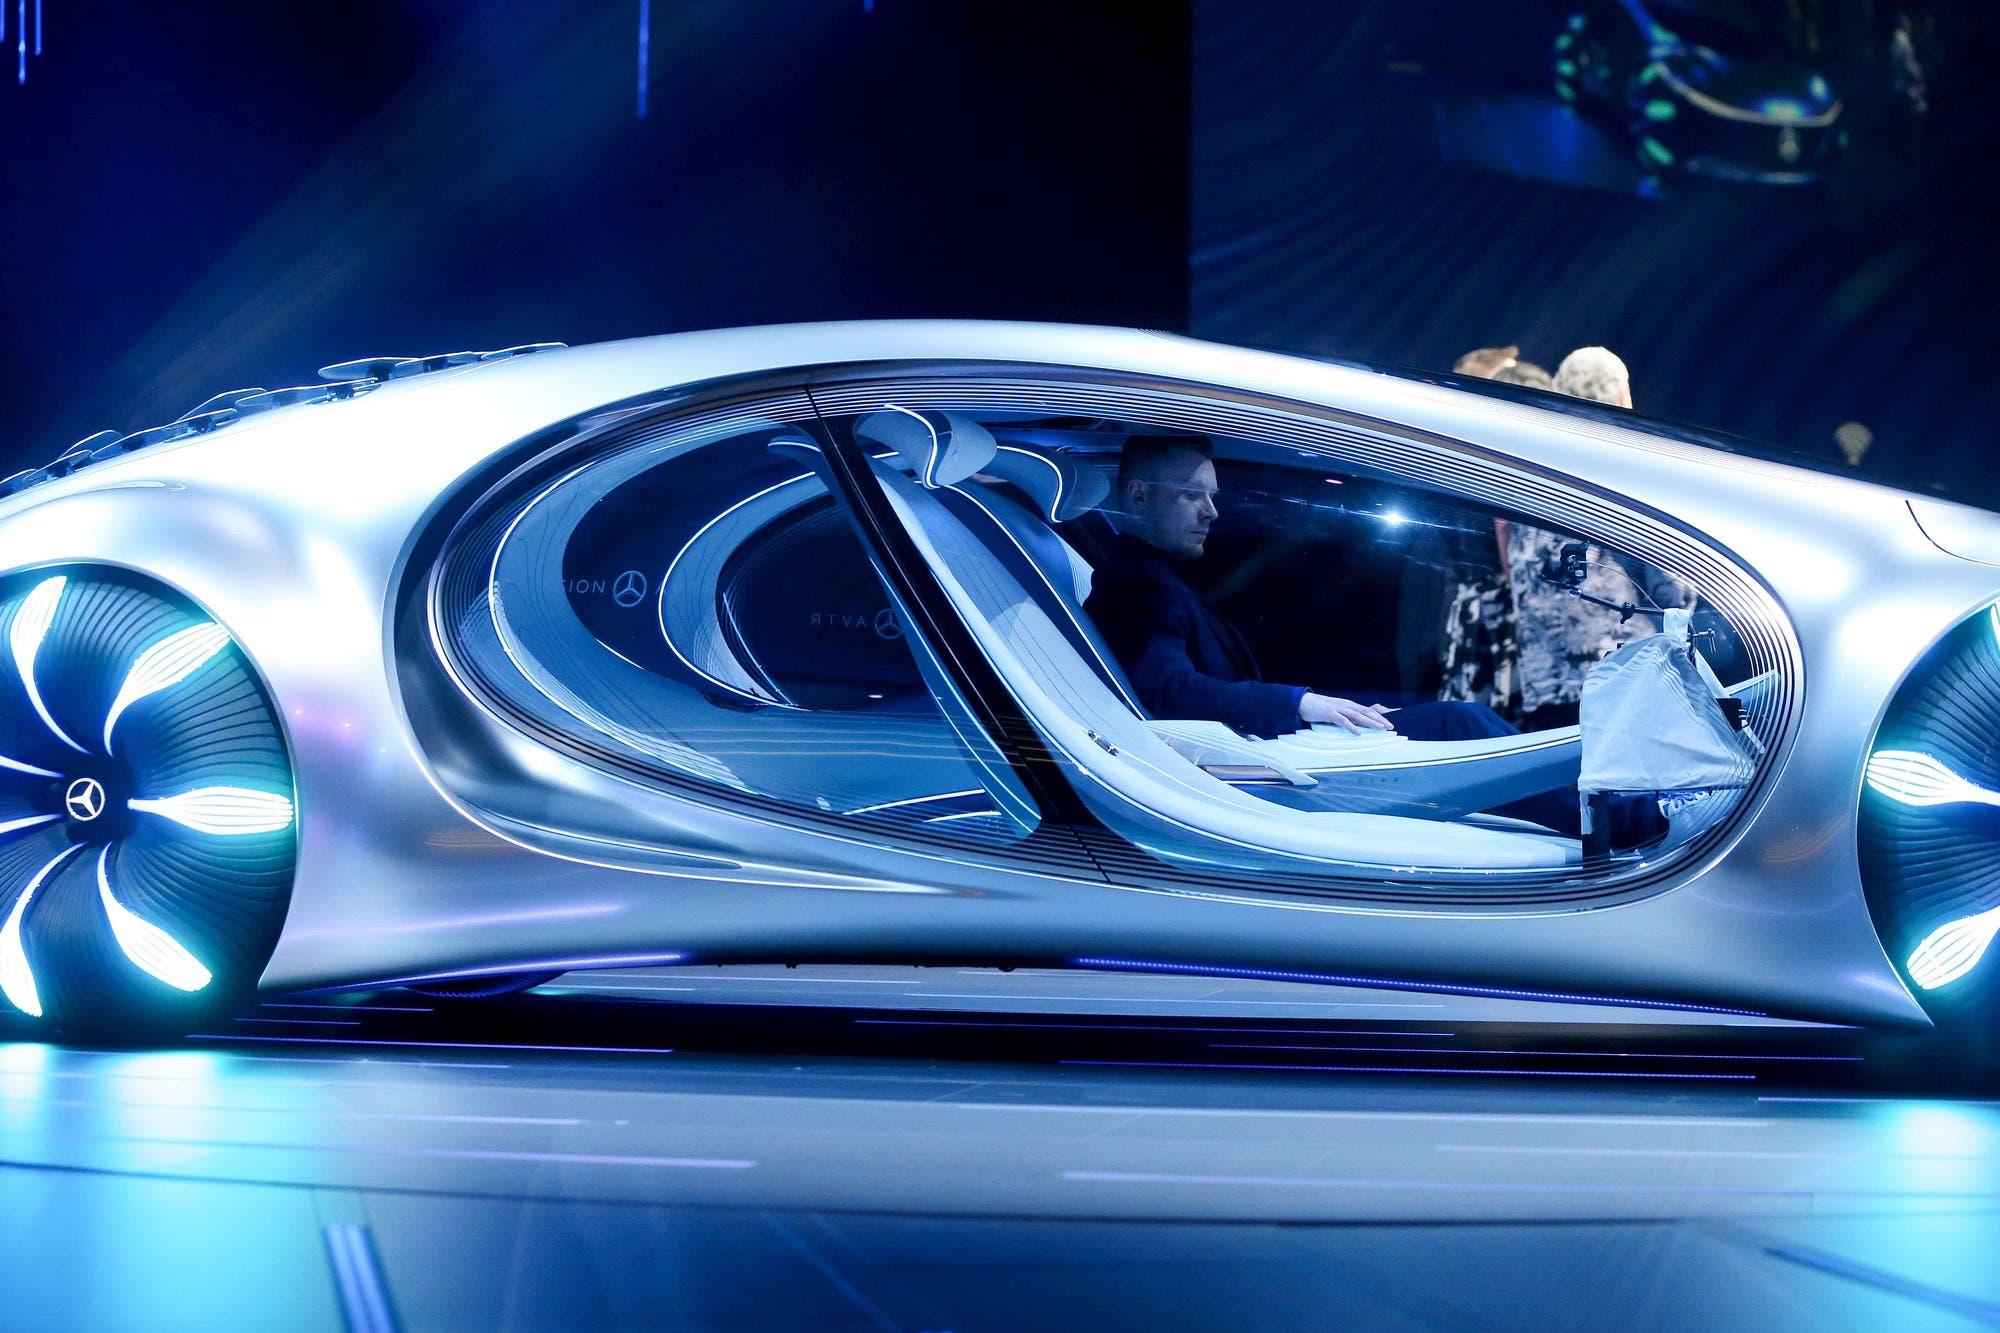 El parabrisas del futuro auto autónomo mostrará mapas 3D, videollamadas... y publicidad